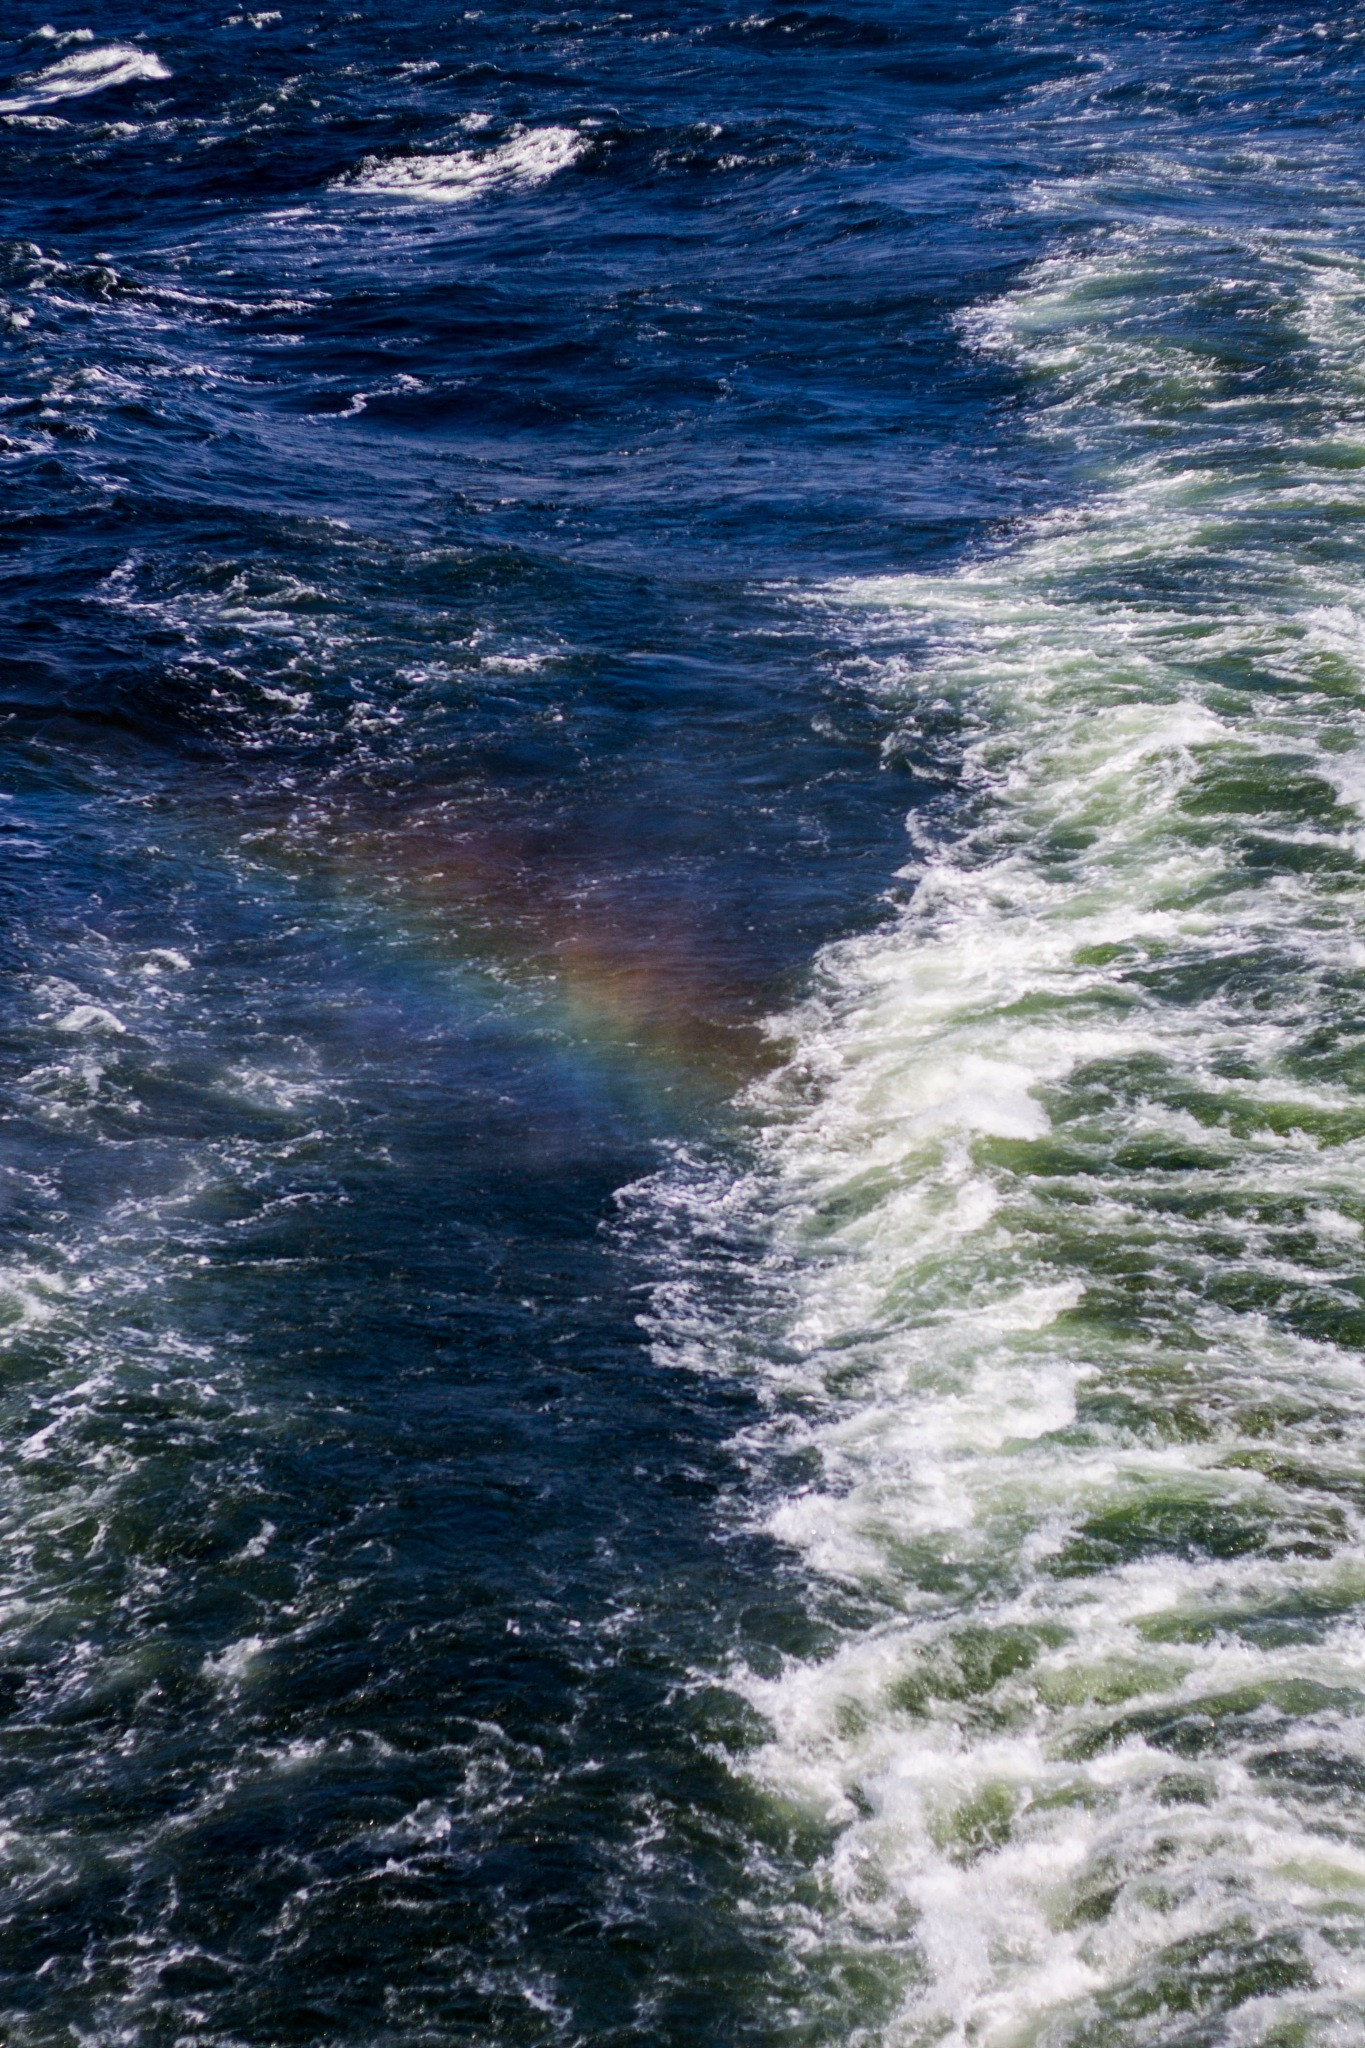 Rainbow in the Sea by Radina Ruseva